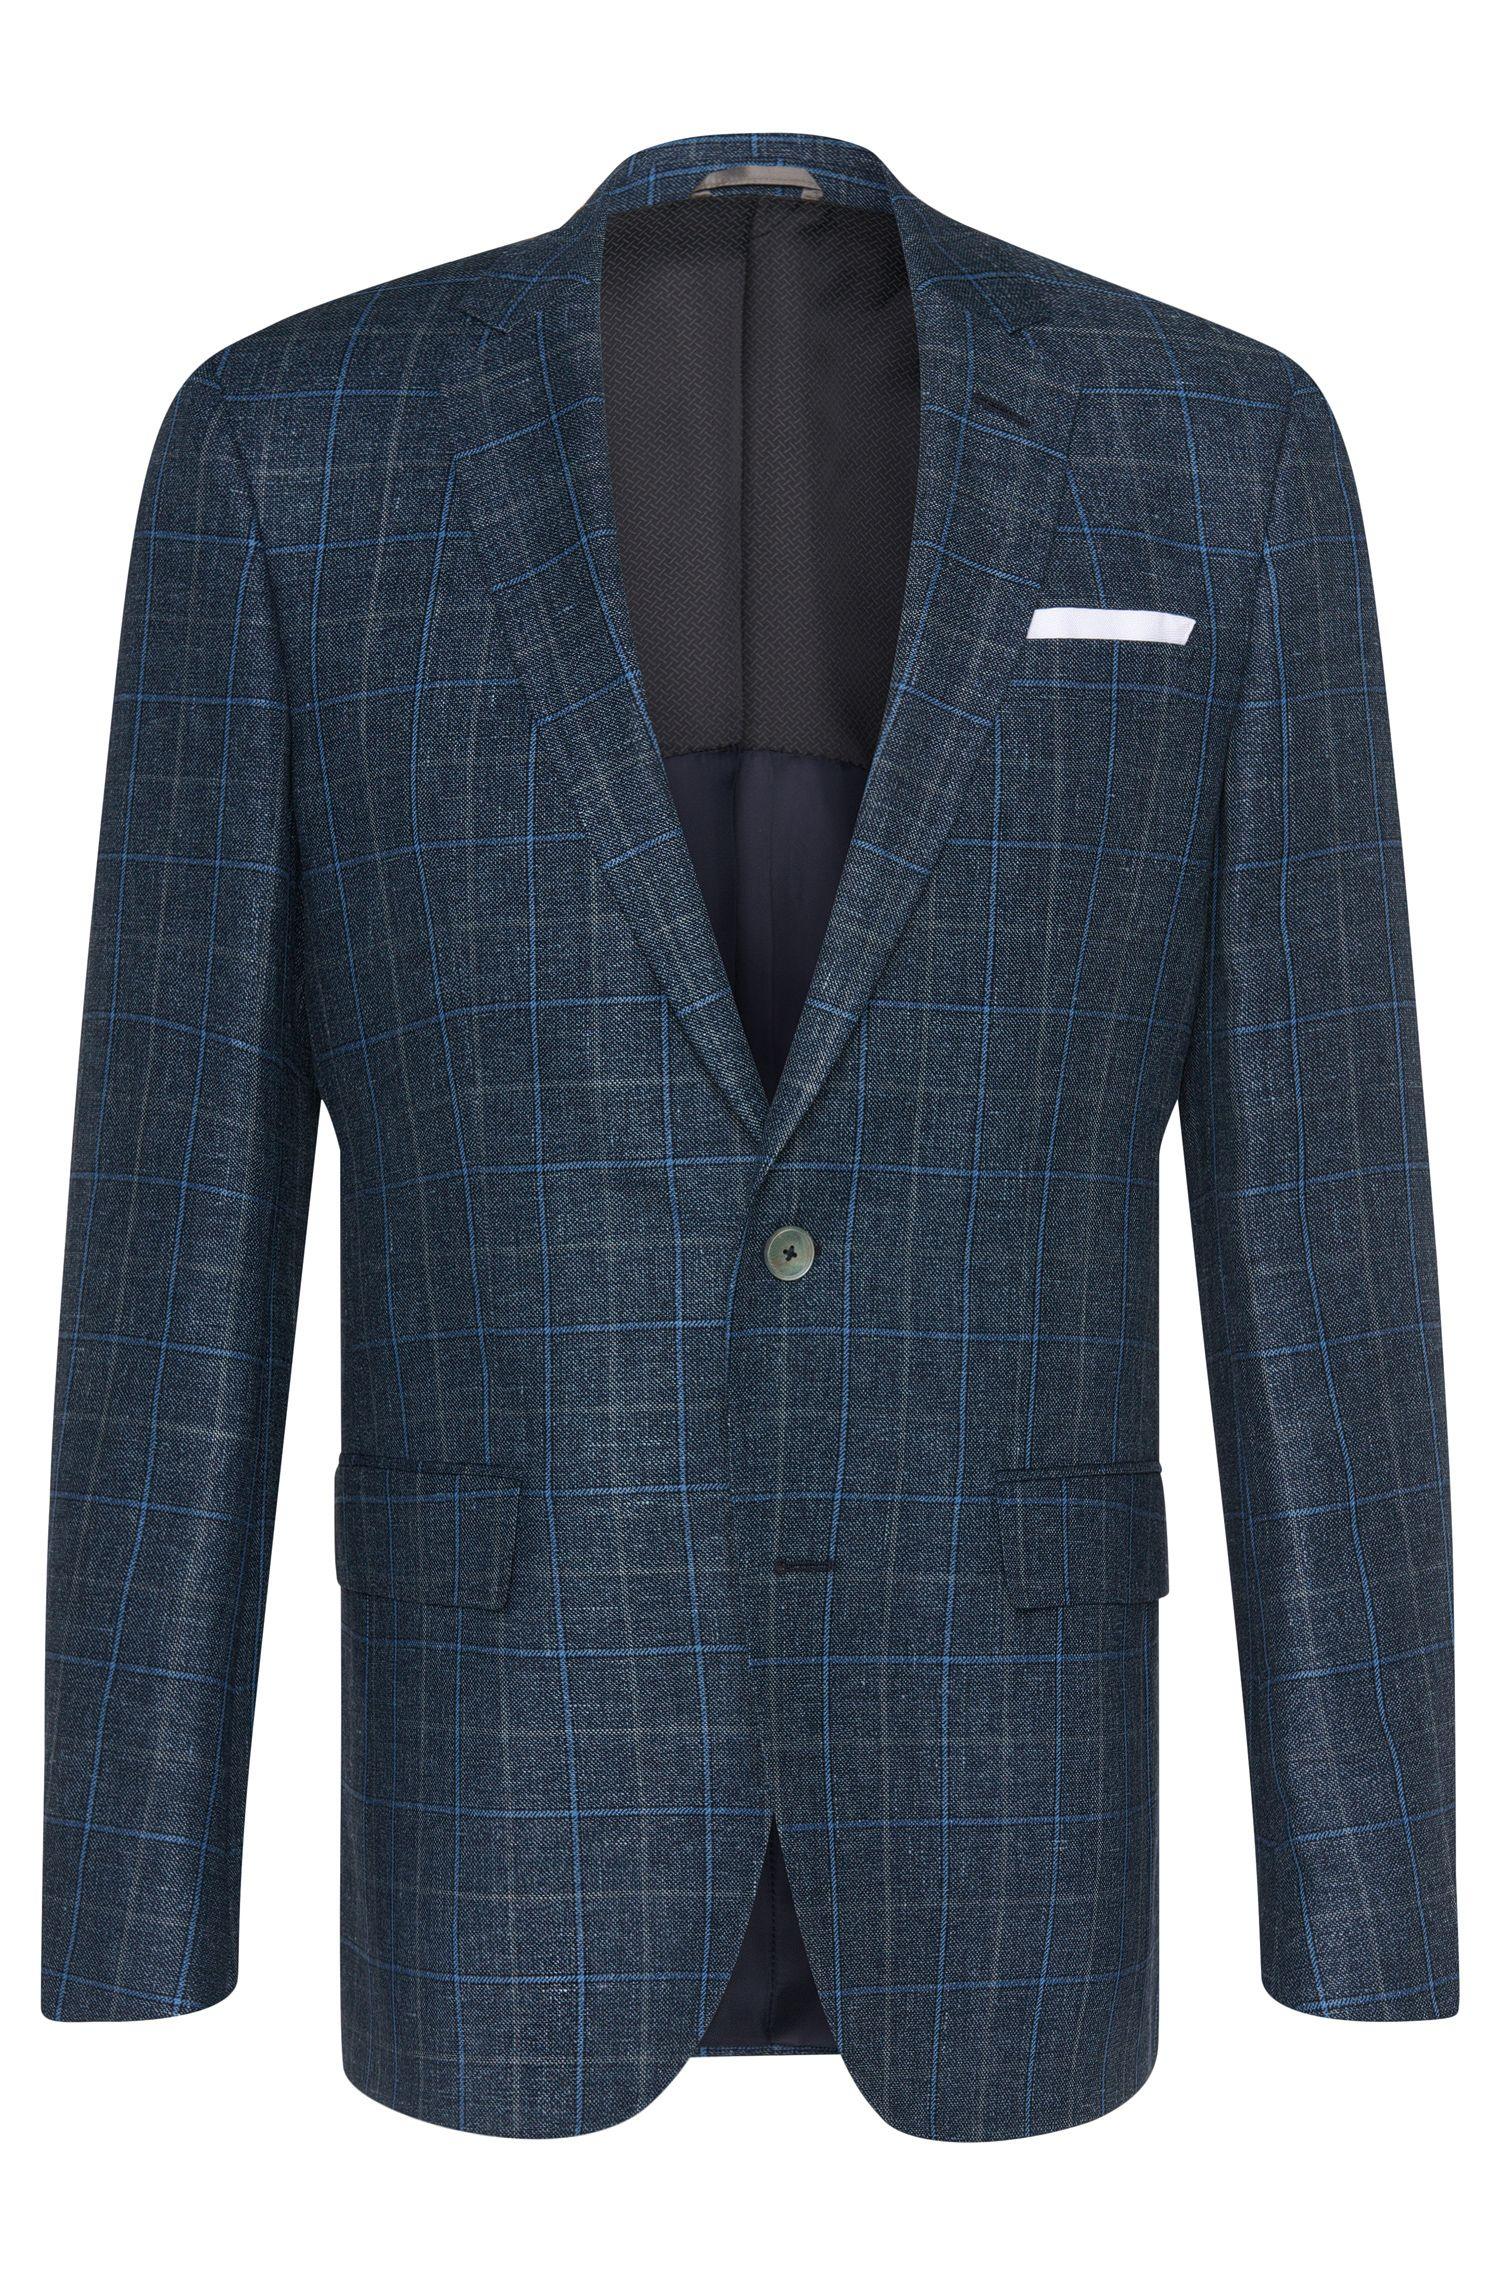 'Hutsons'   Slim Fit, Italian Linen Virgin Wool Sport Coat